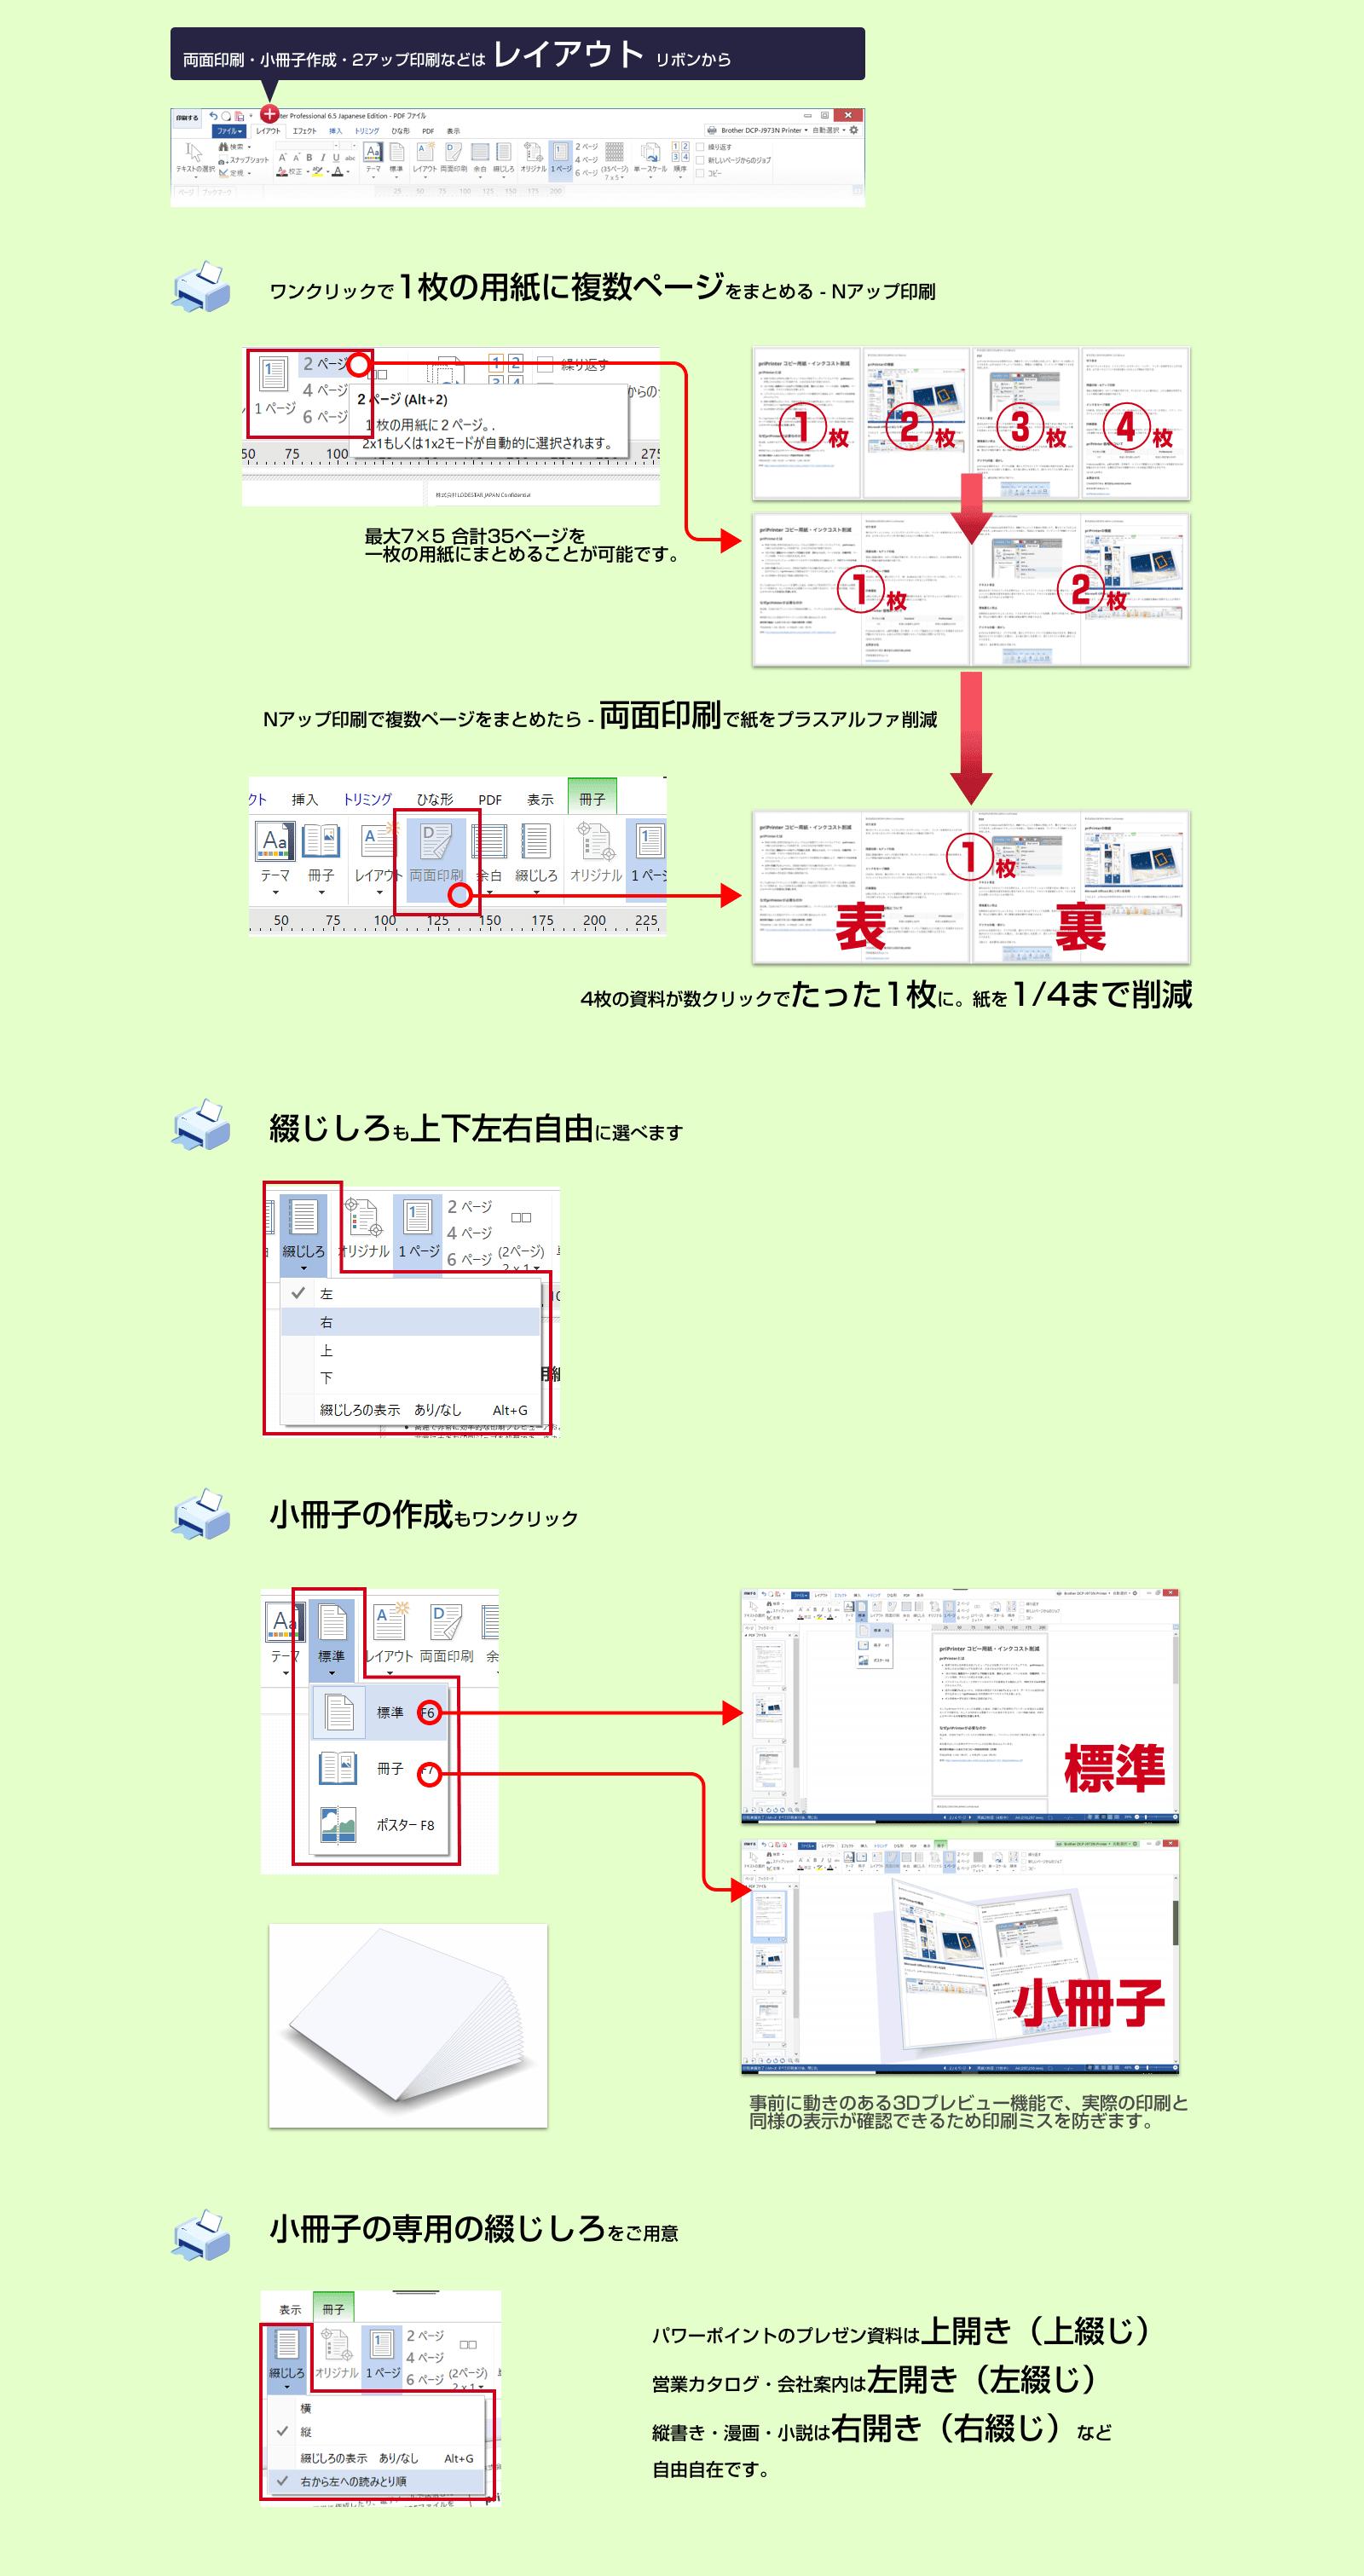 両面印刷や小冊子を印刷する方法 綴じしろも上下左右に設定できます